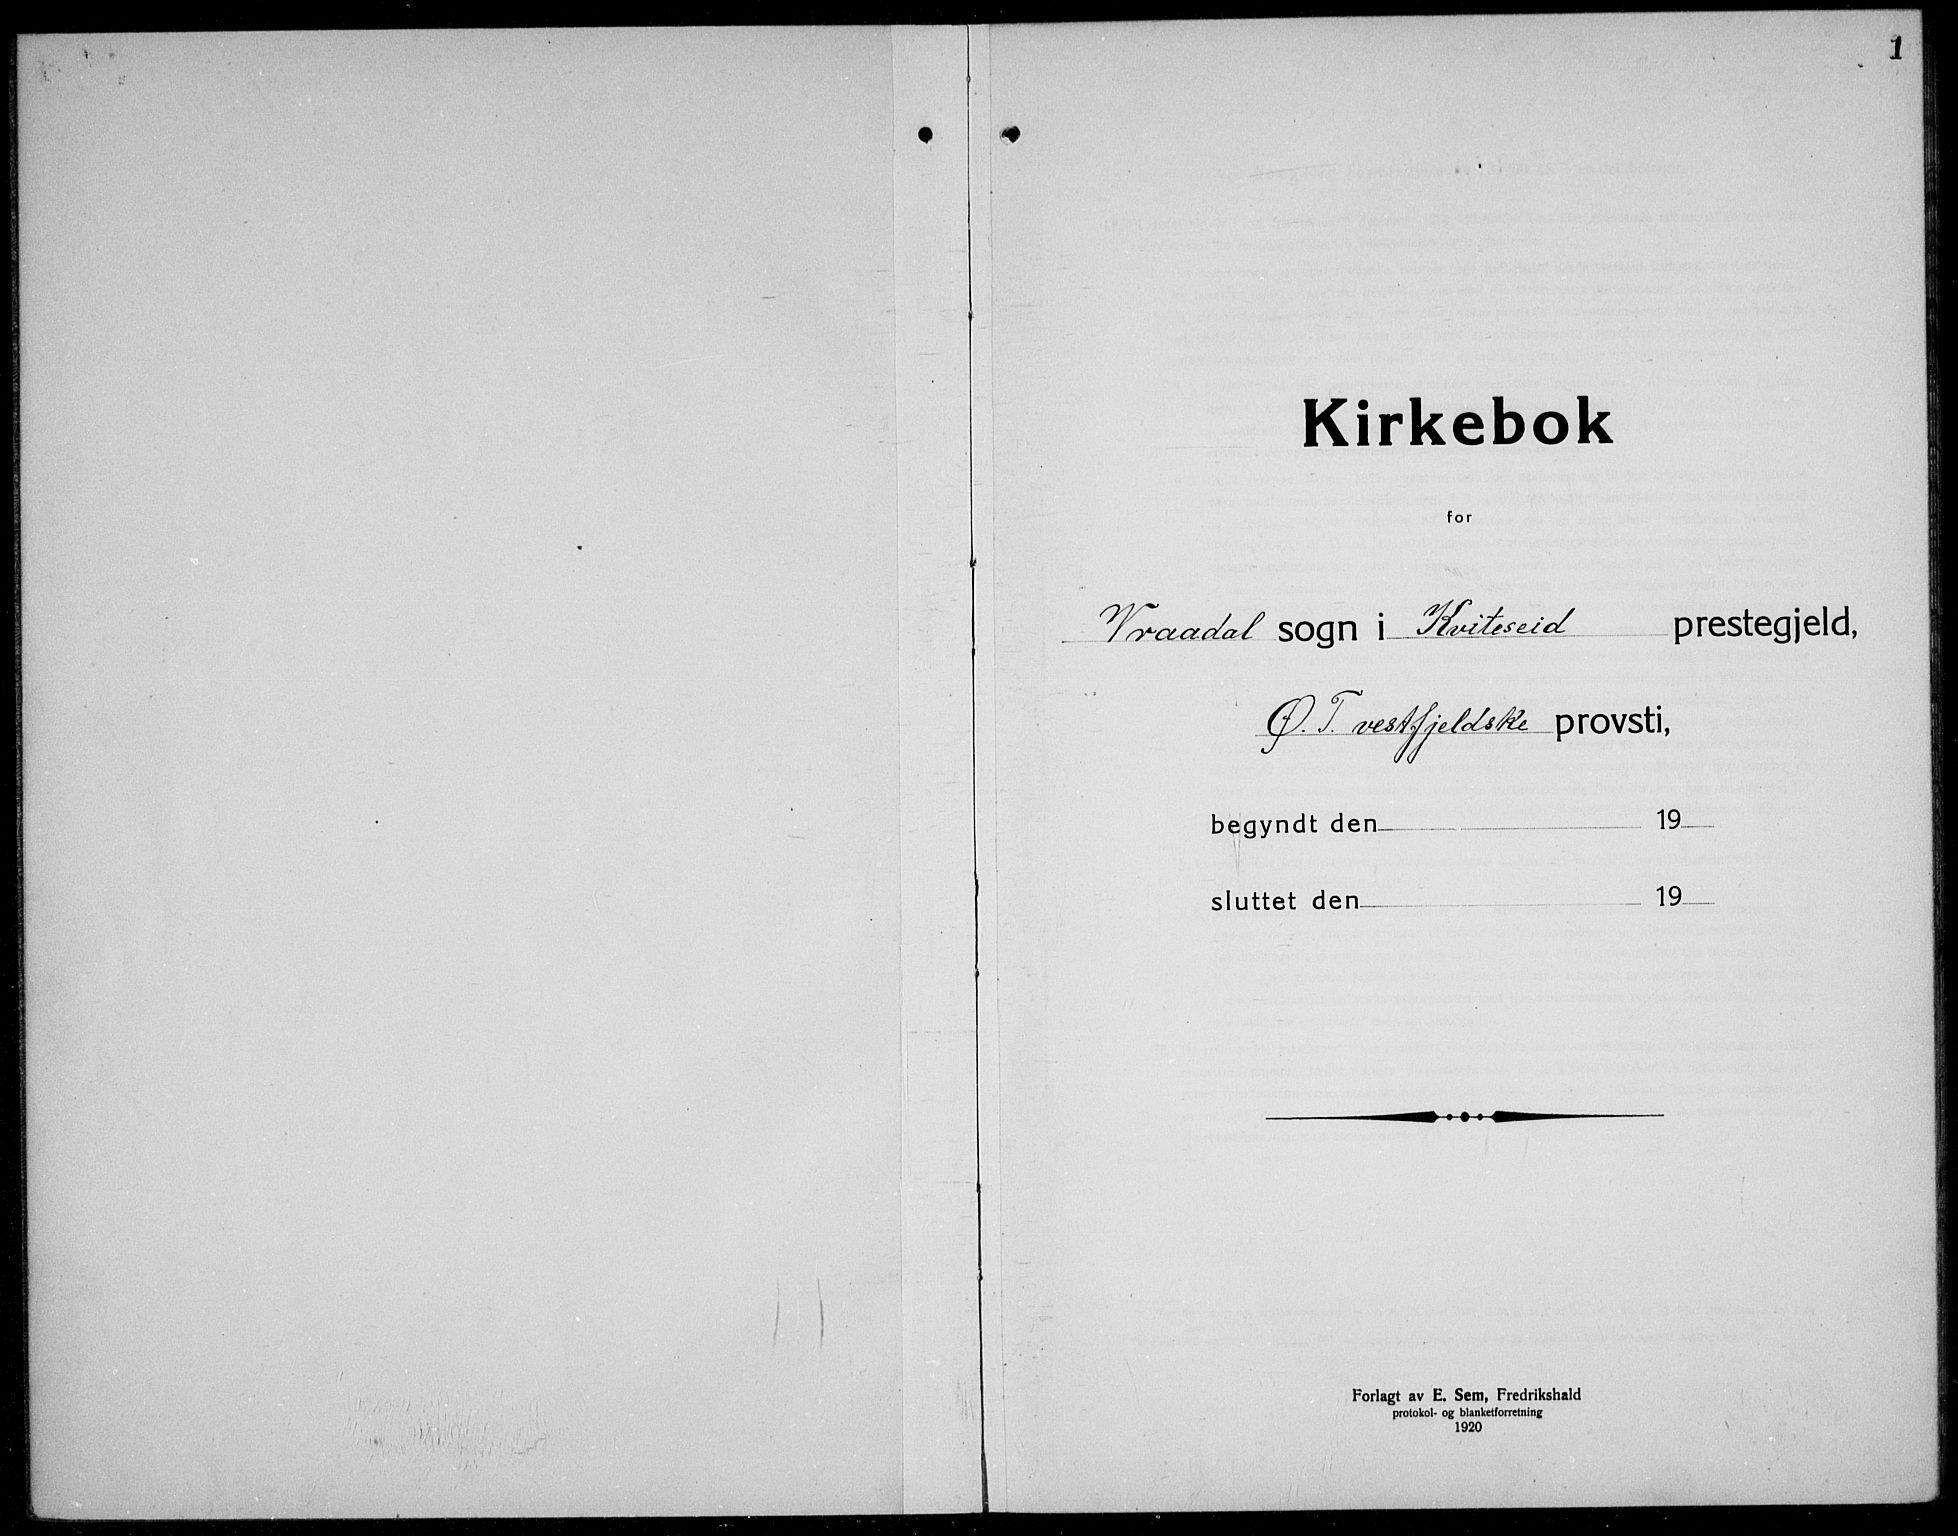 SAKO, Kviteseid kirkebøker, G/Gc/L0002: Klokkerbok nr. III 2, 1917-1937, s. 1